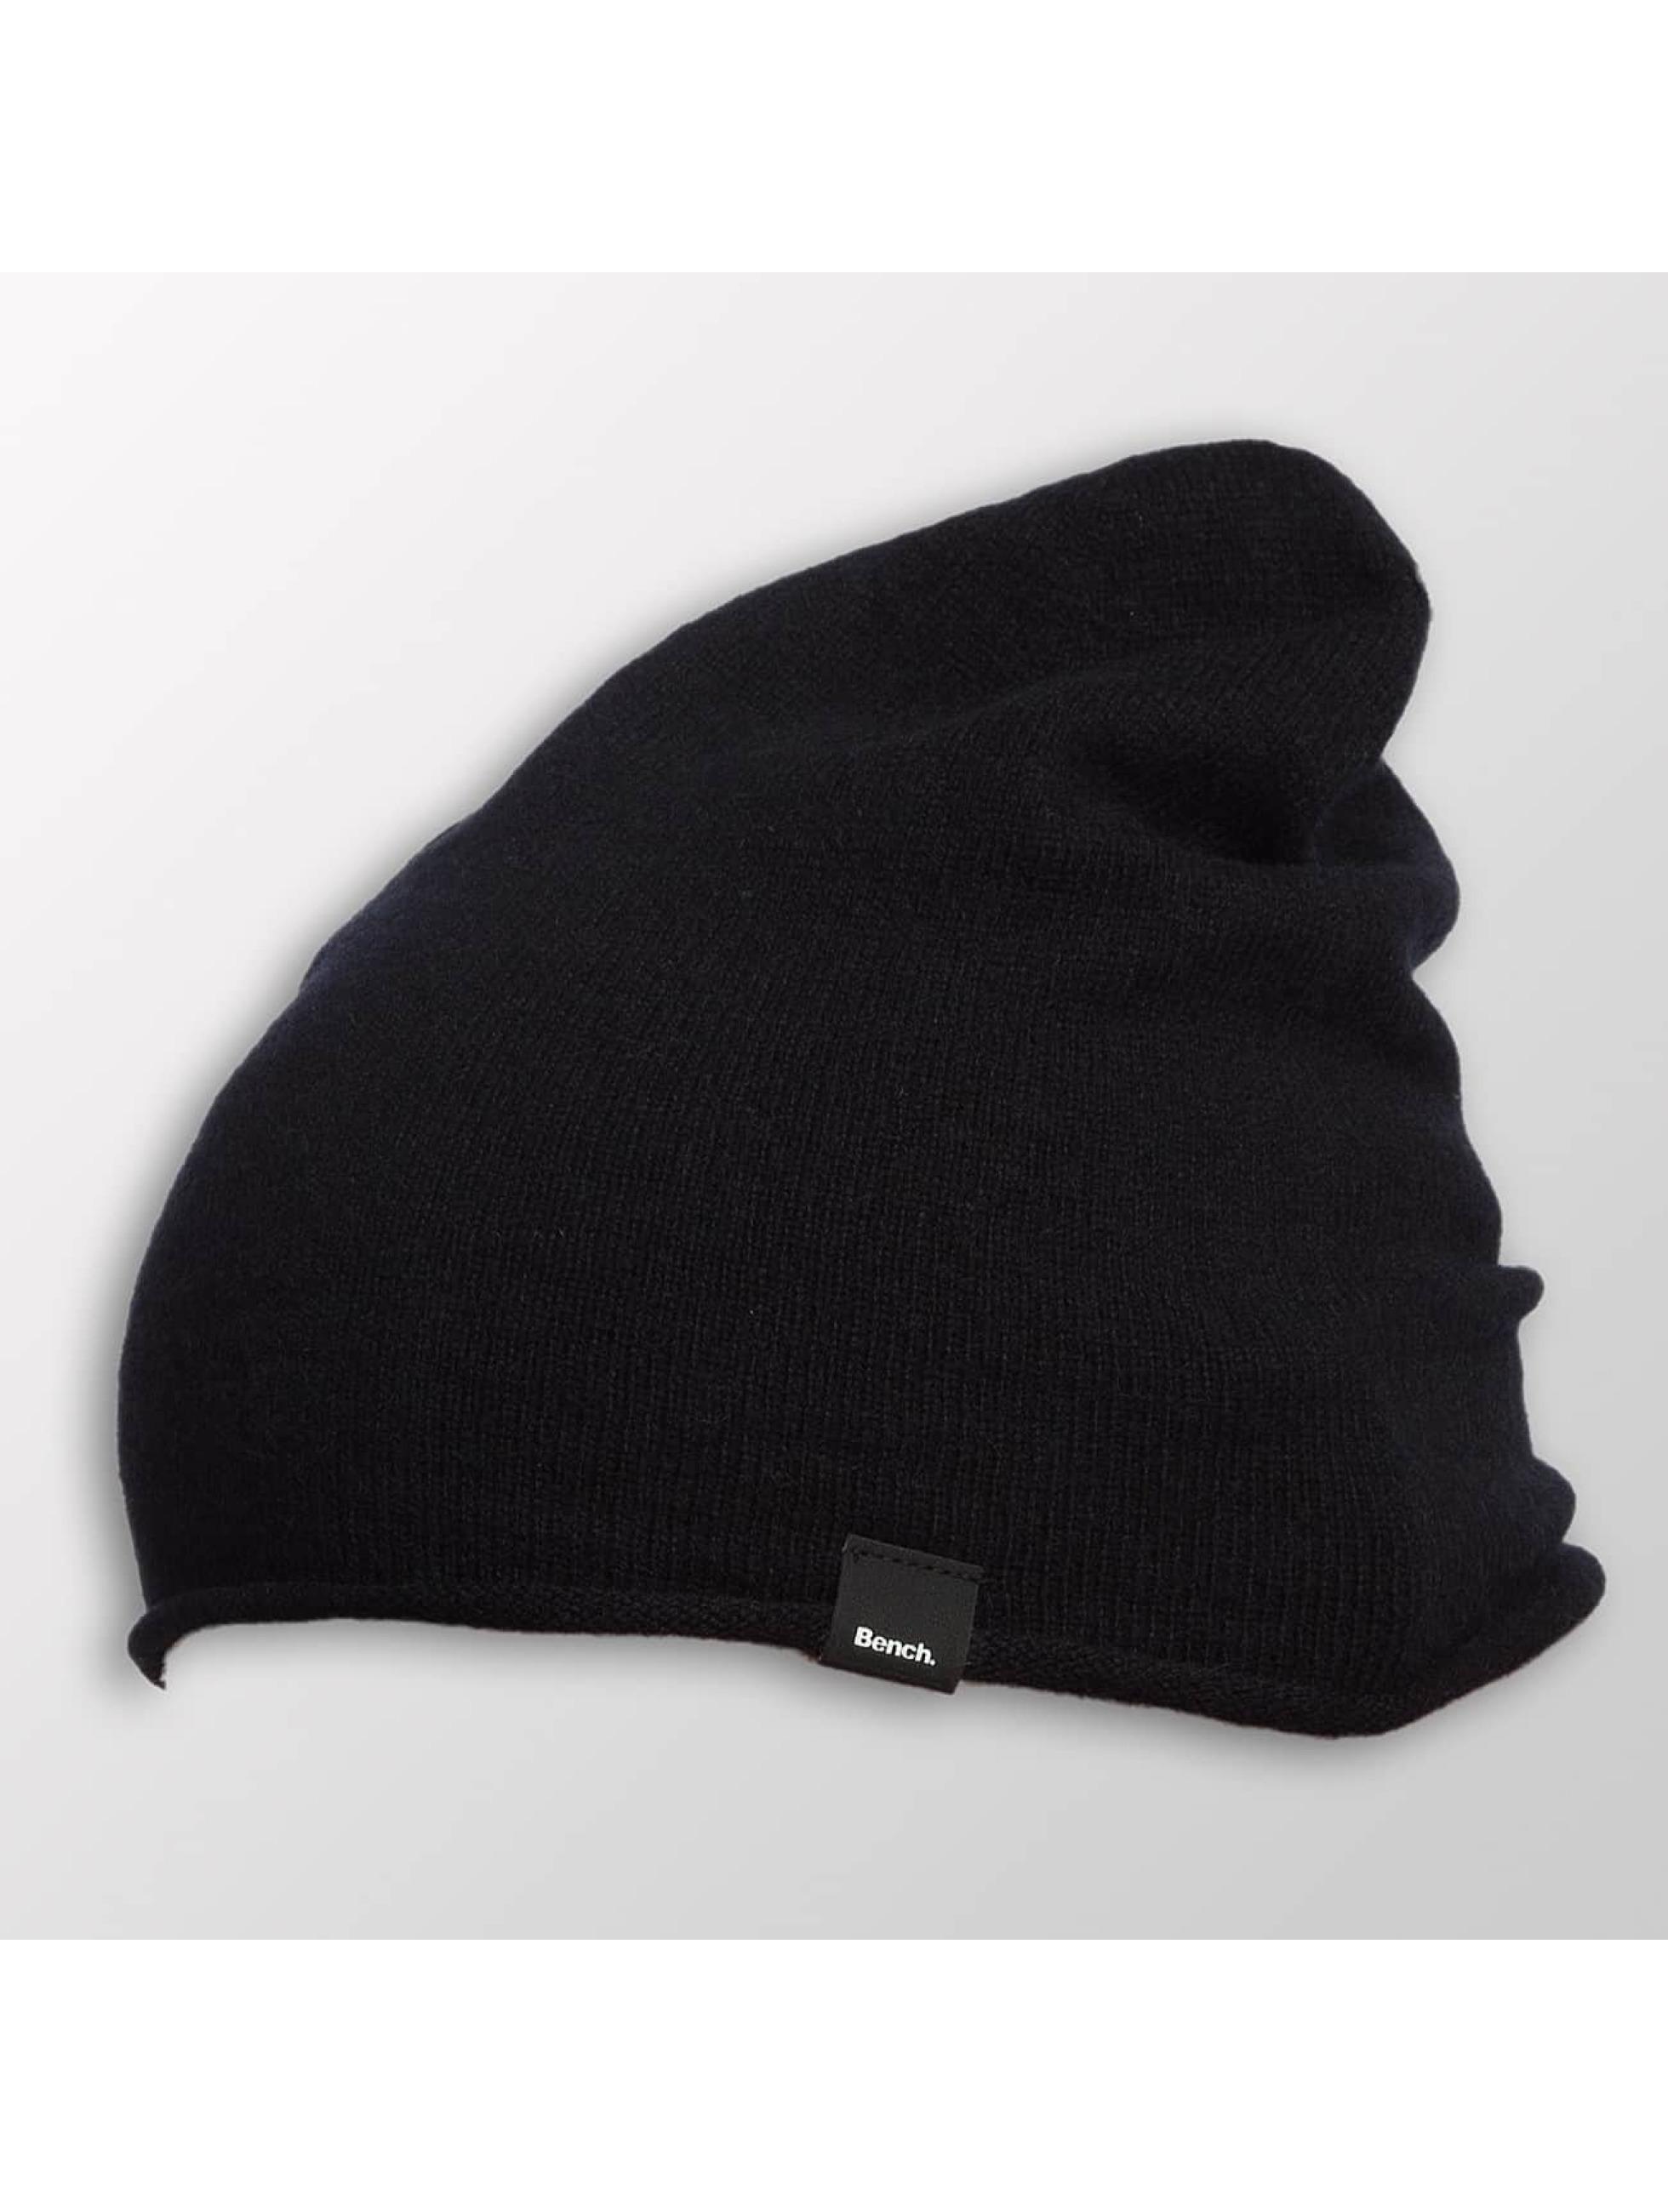 Bench Frauen Beanie Soft in schwarz